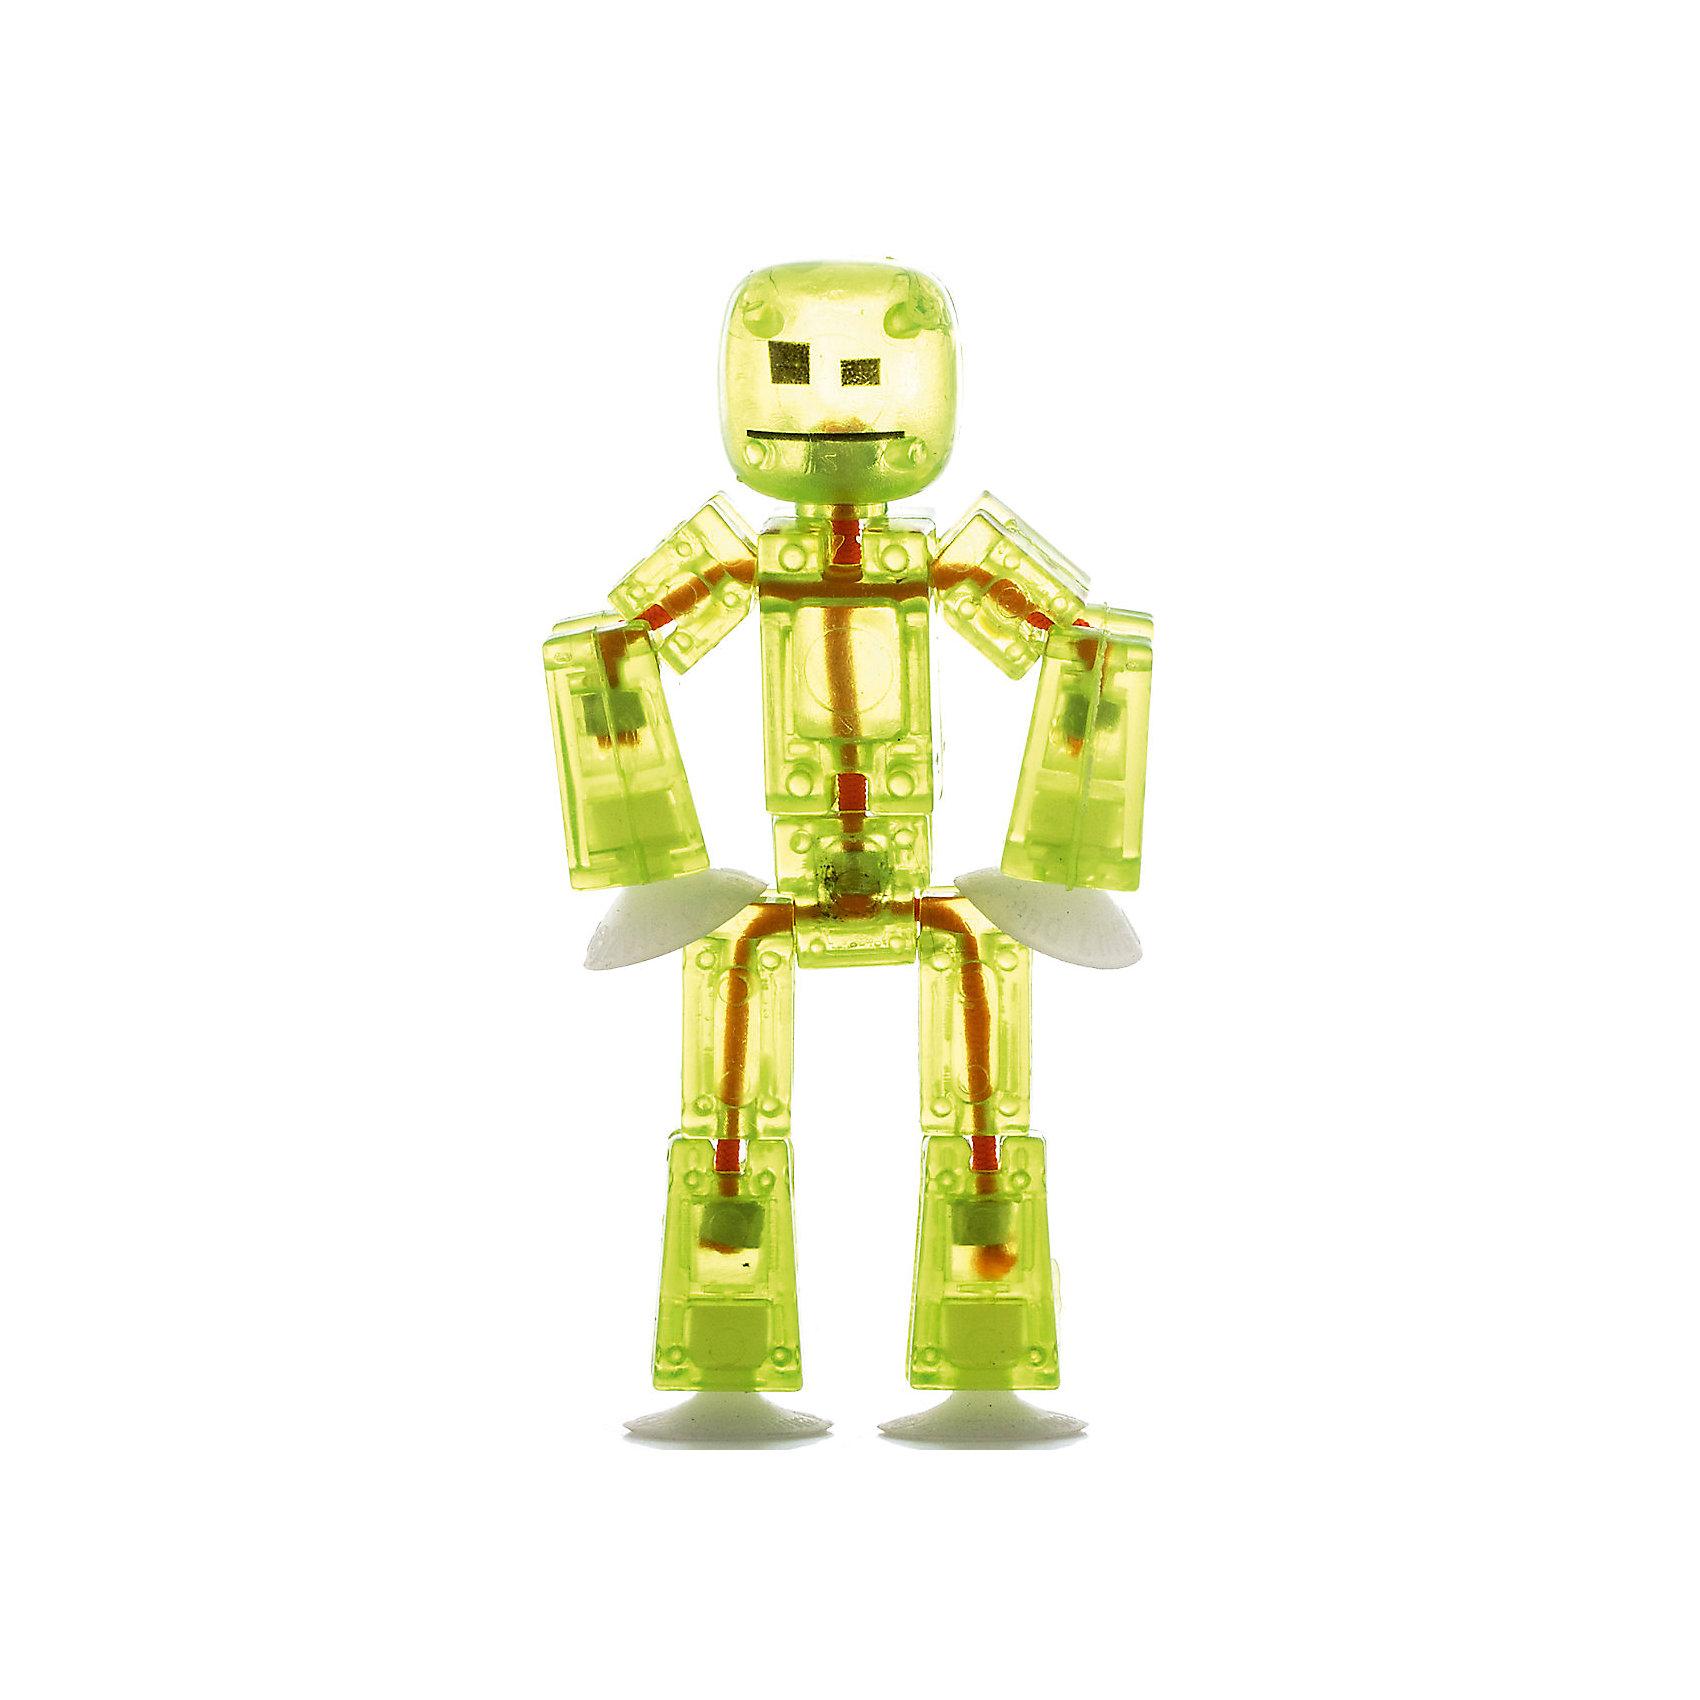 Игрушка-фигурка, желтая, StikbotХарактеристики товара:<br><br>- цвет: желтый;<br>- материал: пластик, металл;<br>- комплектация: 1 фигурка;<br>- особенности: для съемки роликов;<br>- размер фигурки: 8 см;<br>- размер упаковки: 11х2х12 см;<br>- вес: 62 г.<br><br>Такое увлекательное занятие, как съемка роликов или мультфильфов, не оставит ребенка равнодушным! Для этого нужен набор Stikbot (или просто фигурки), смартфон и специальное приложение! Такие человечки помогут дополнить домашнюю студию и разнообразить сюжеты роликов. Они легко фиксируются в определенном положении, на них есть специальные присоски. Снимать ролики с такими героями - очень легко, поэтому они станут отличным подарком ребенку. Процесс съемки помогает ребенку развить логику, творческие способности ребенка, мышление, внимание, воображение и мелкую моторику.<br>Изделие произведено из высококачественного материала, безопасного для детей.<br><br>Игрушку-фигурку, желтую, от бренда Stikbot можно купить в нашем интернет-магазине.<br><br>Ширина мм: 30<br>Глубина мм: 140<br>Высота мм: 110<br>Вес г: 63<br>Возраст от месяцев: 36<br>Возраст до месяцев: 2147483647<br>Пол: Унисекс<br>Возраст: Детский<br>SKU: 5094046